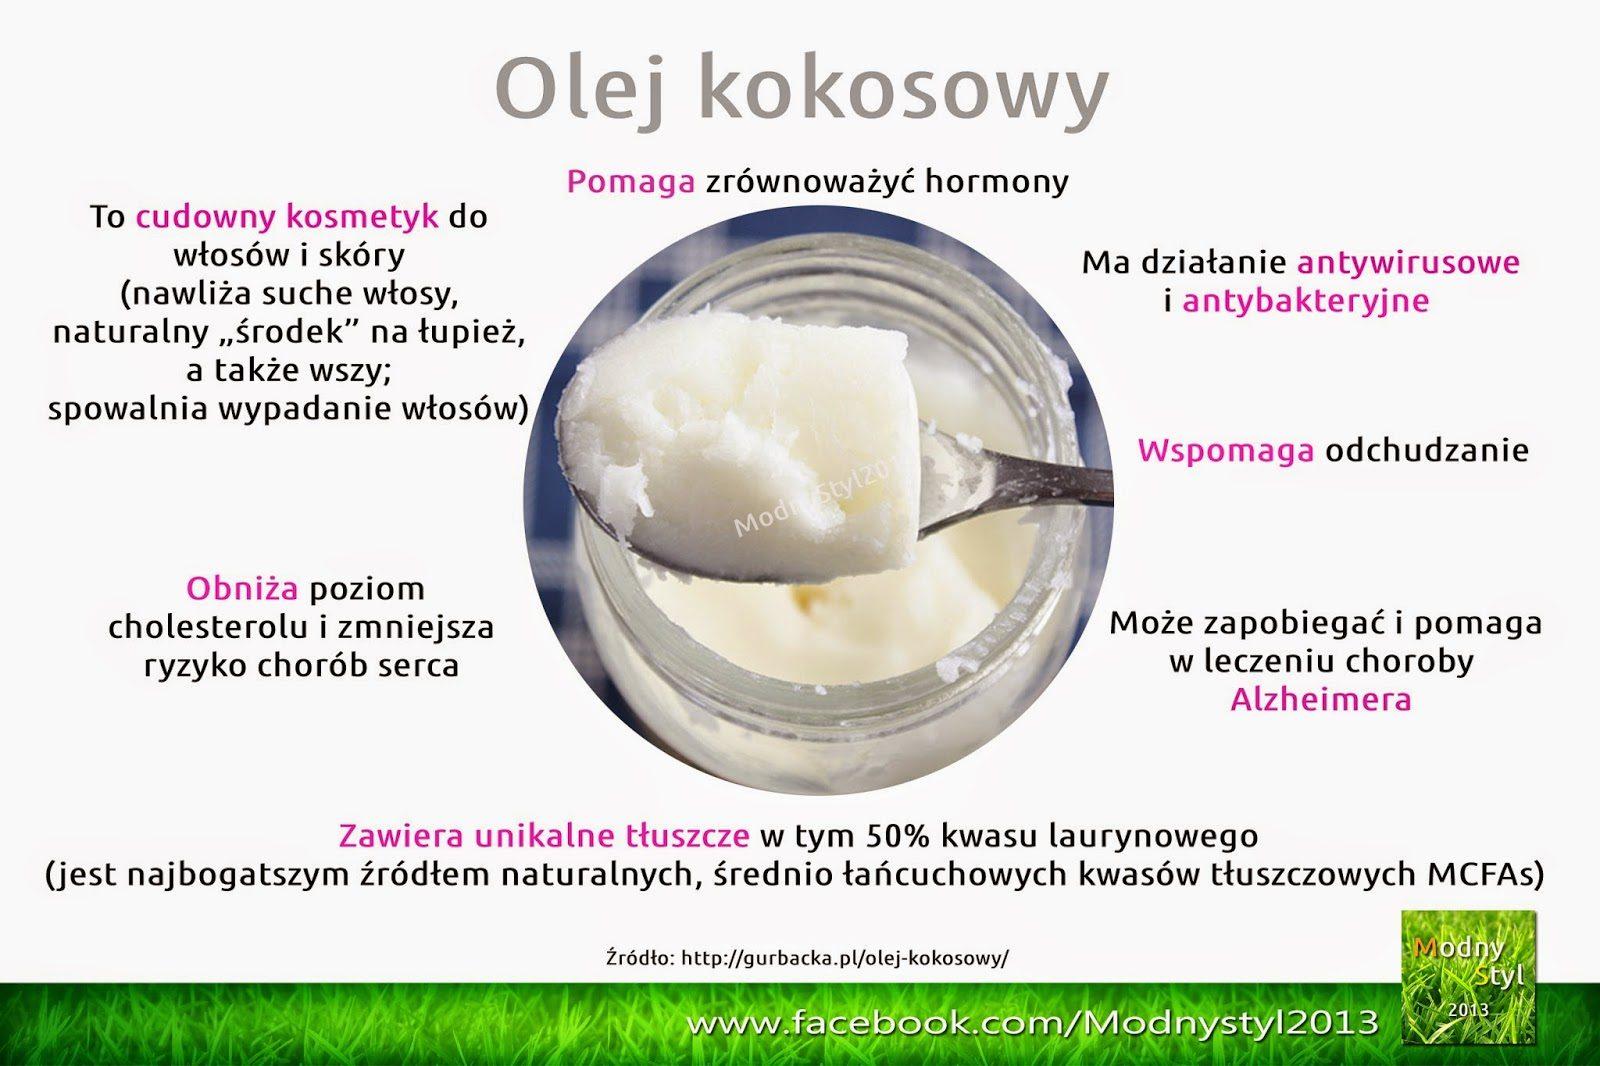 olej2bkokosowy-8224655